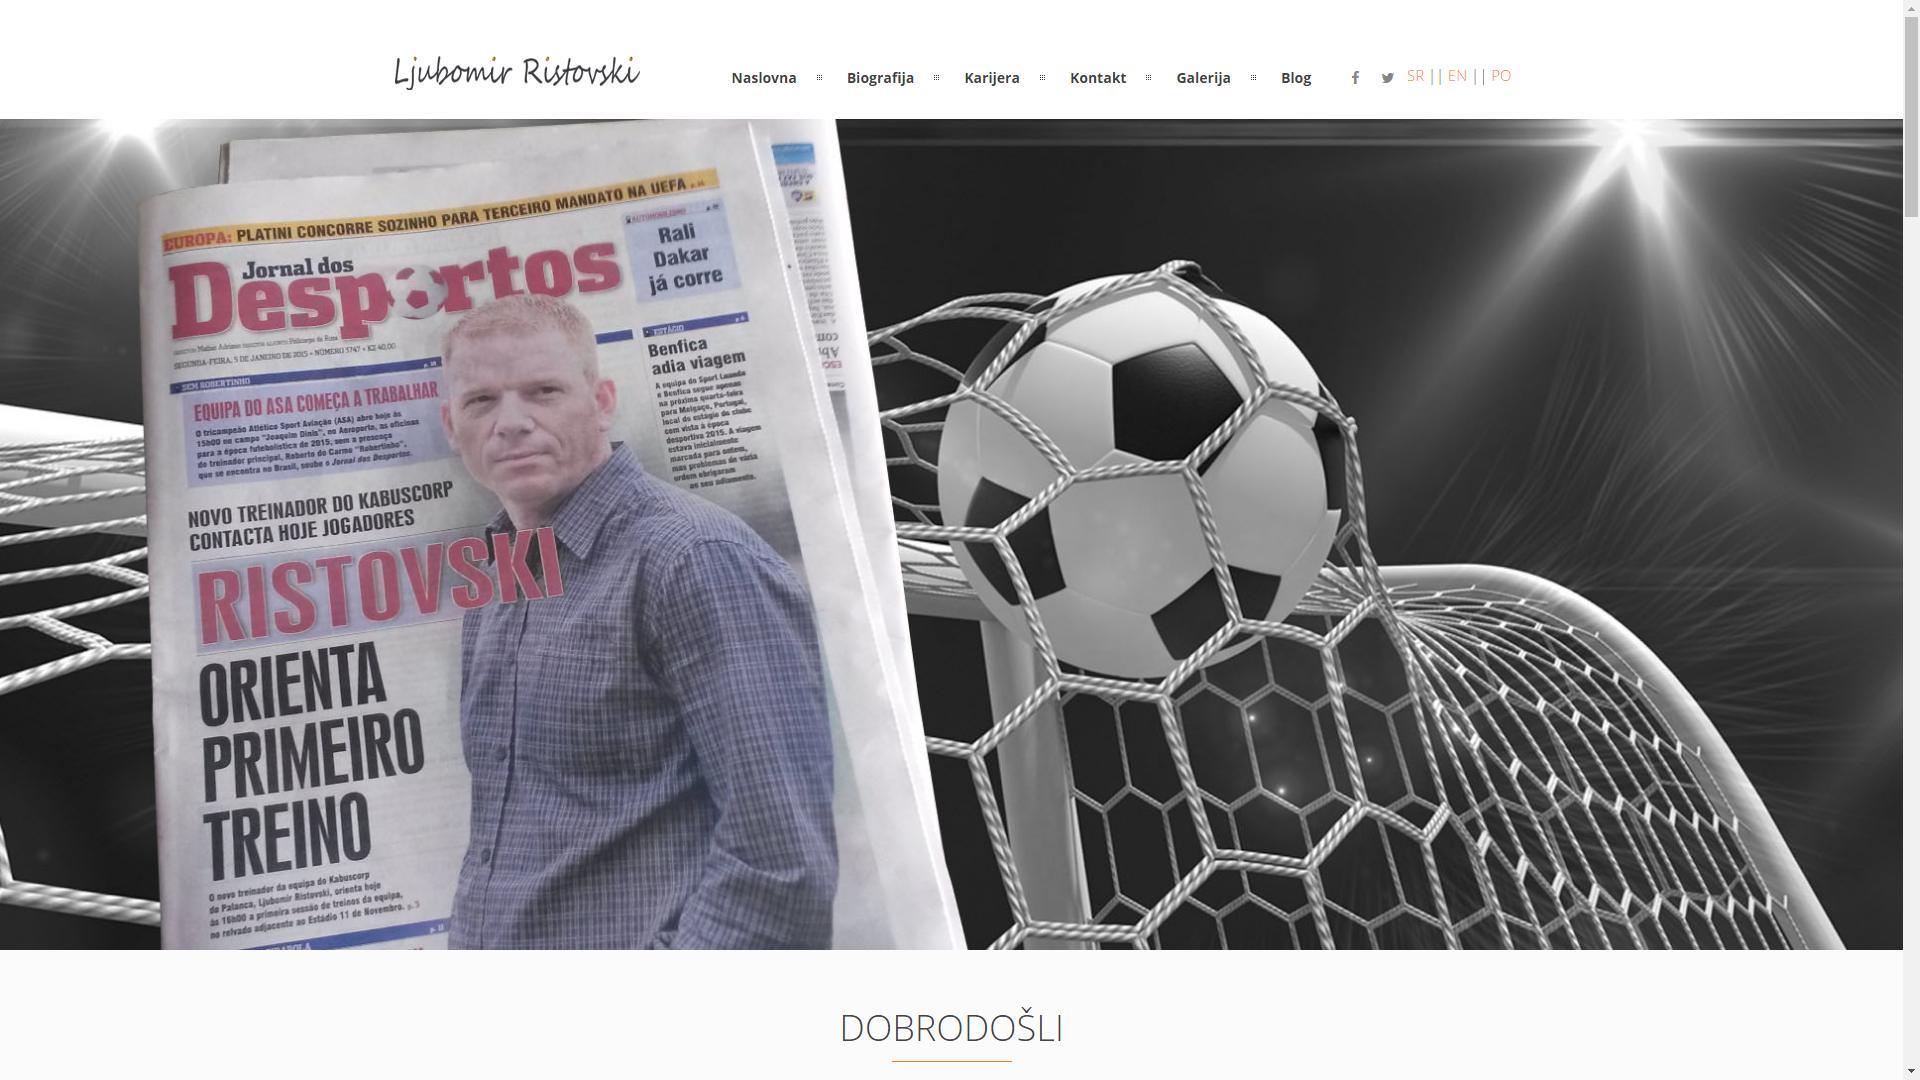 ljubomirristovski-ska-webdesign-ss1